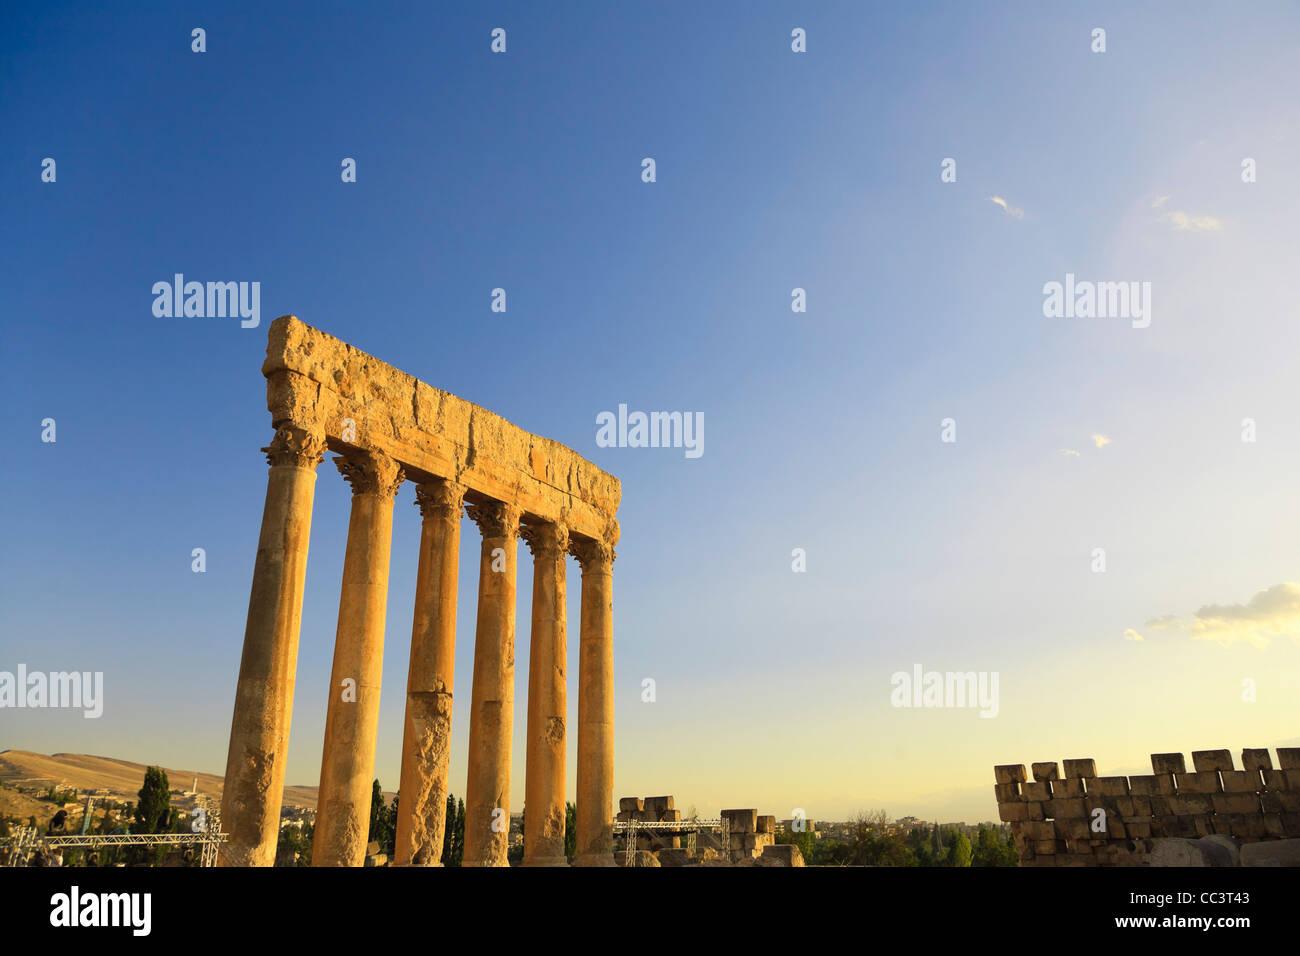 El Líbano, Baalbek, Templo de Júpiter Imagen De Stock